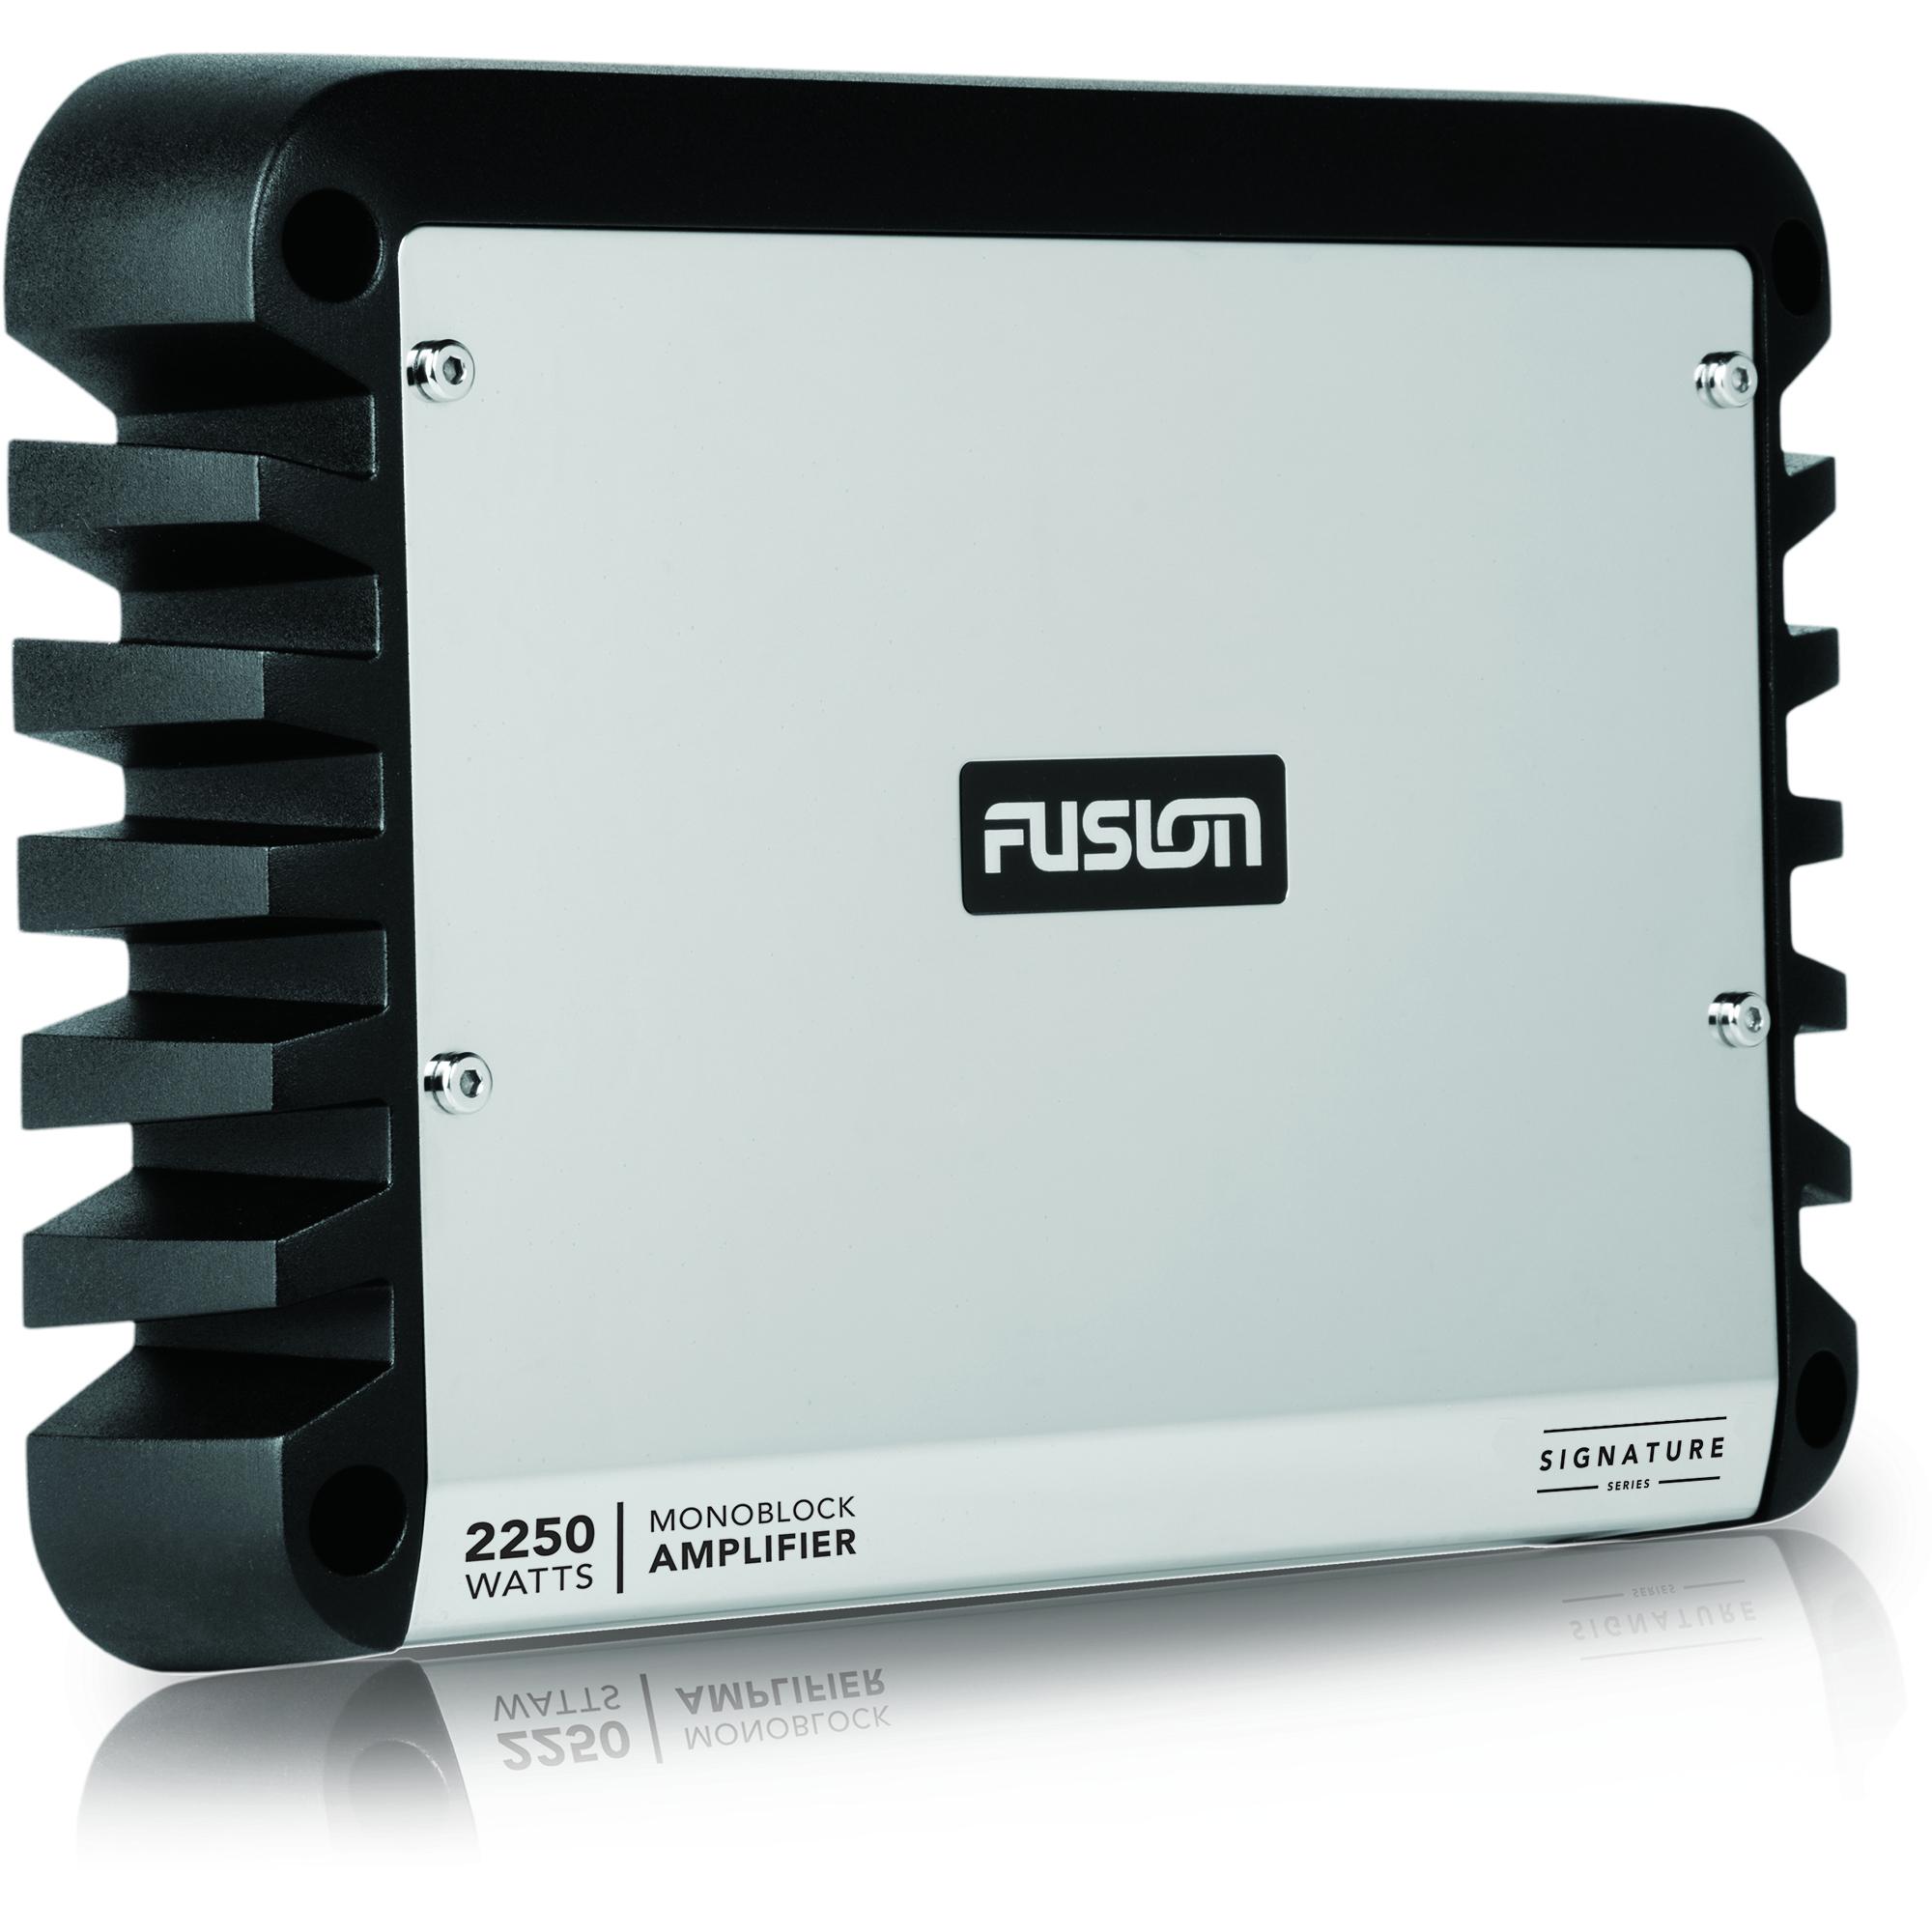 Find Every Shop In The World Selling Sure Electronics 4 X 100 Watt 1600w Channel Digital Bridgeable Amplifier Pro Kit Fus0100197000 0100197000 X111316 Sgda12250 Anc142410